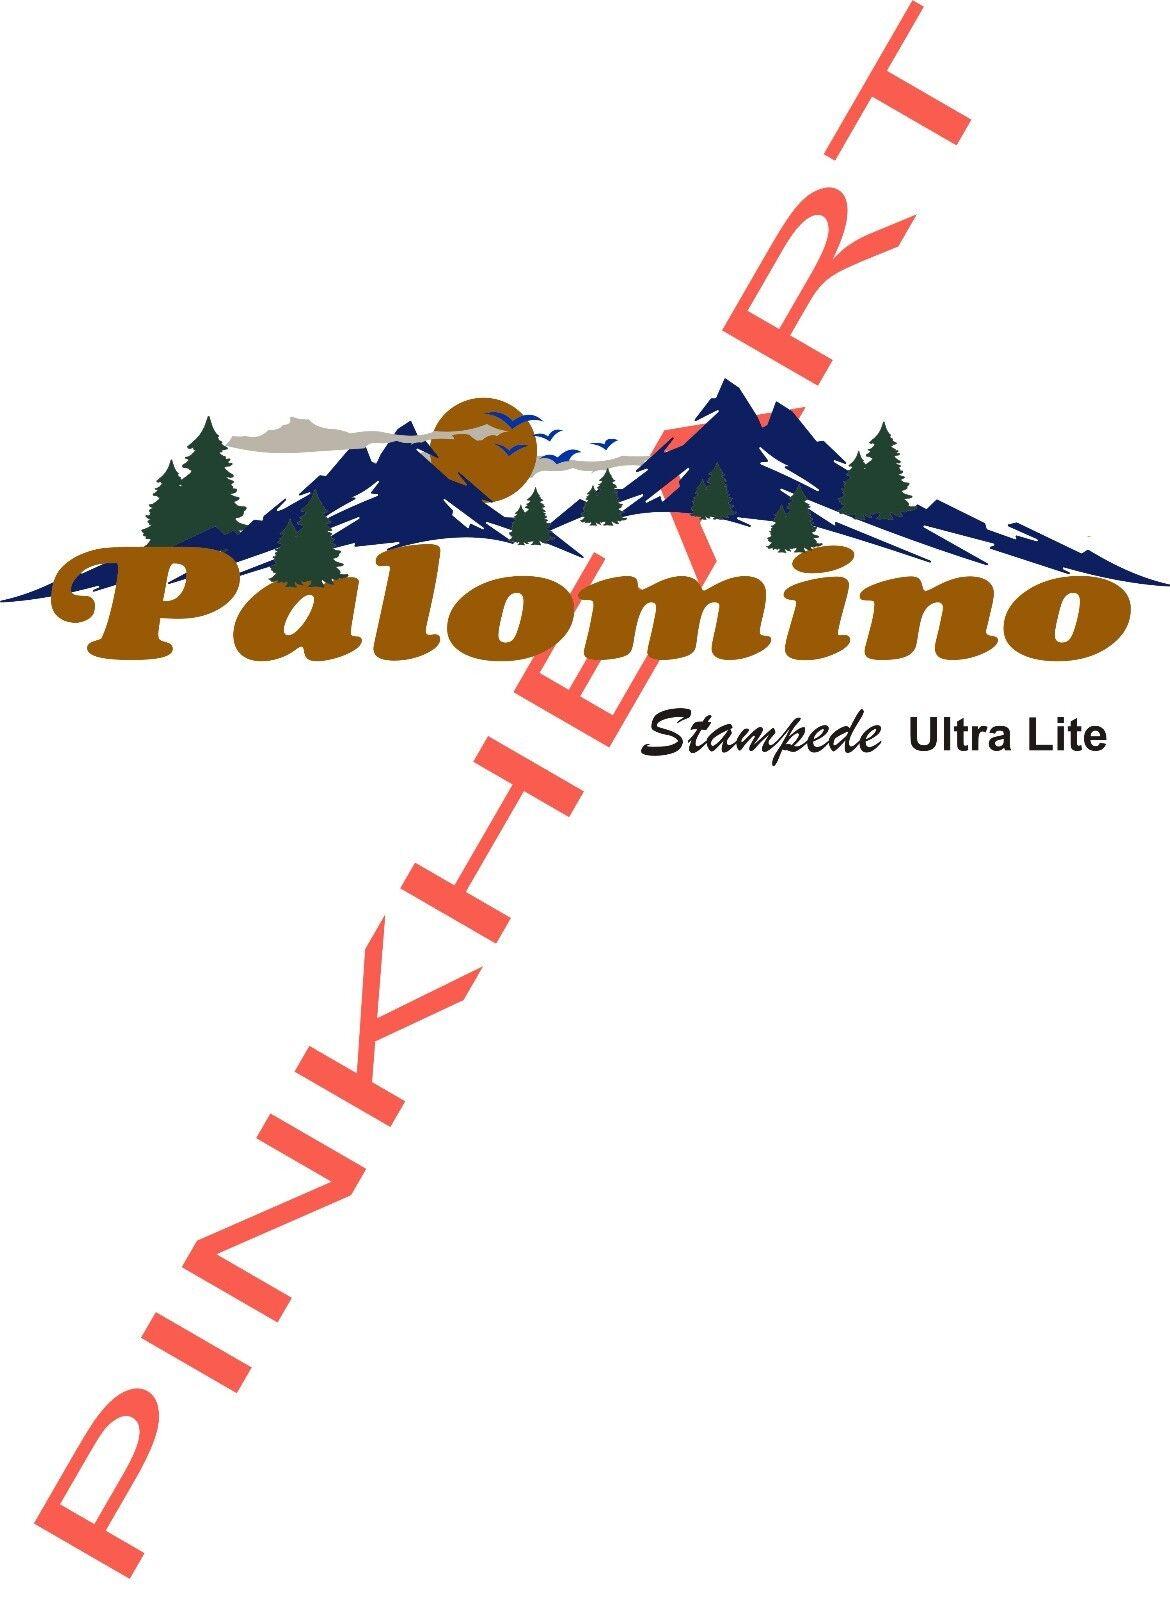 Palomino stampede Decal sticker vinyl trailer camper rv US decals stickers ULTRA